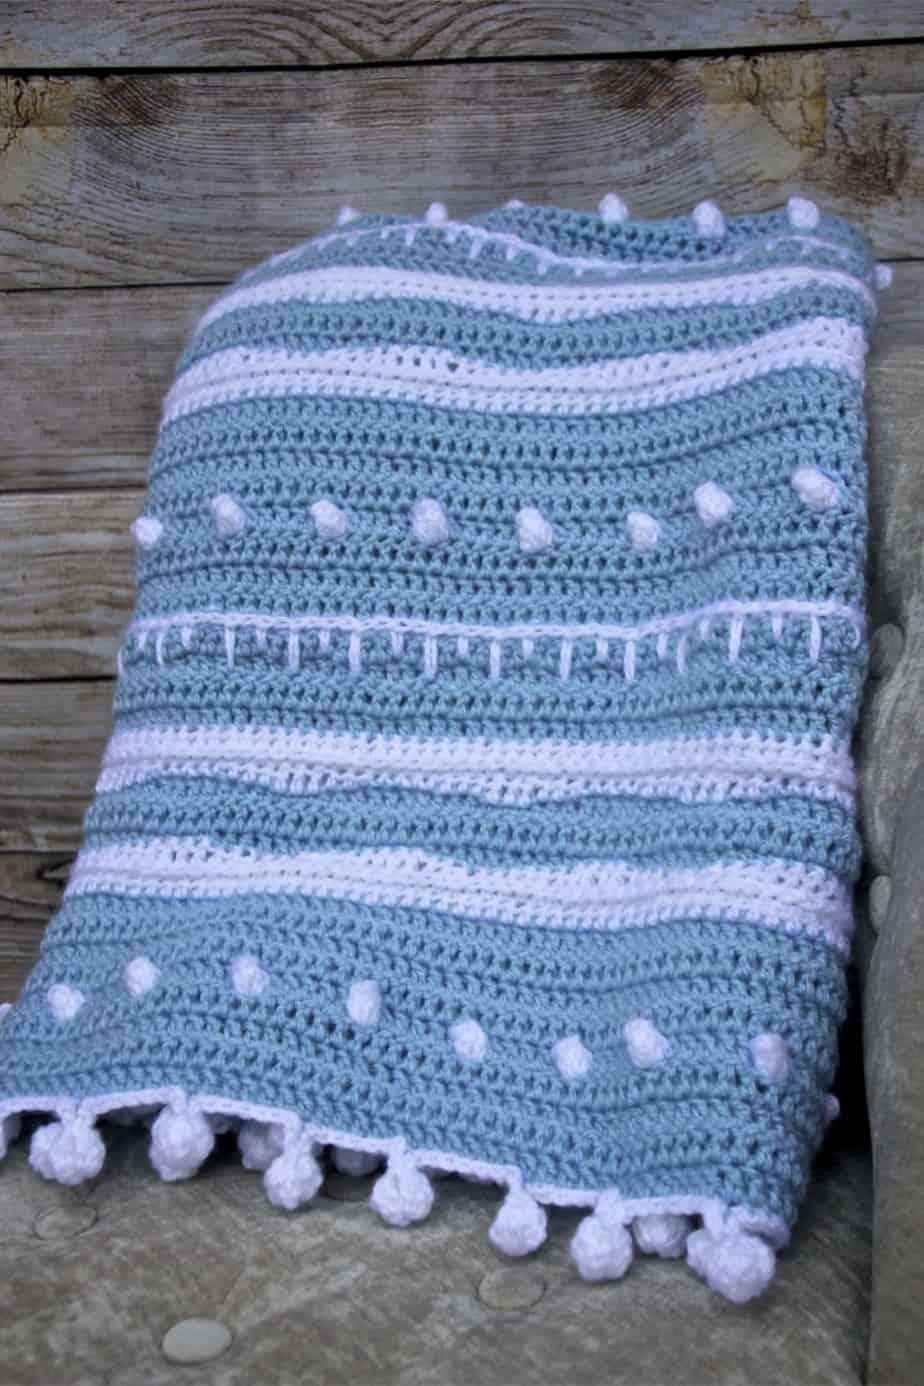 Winter Rhapsody Free Crochet Lap Blanket Stitch Sampler